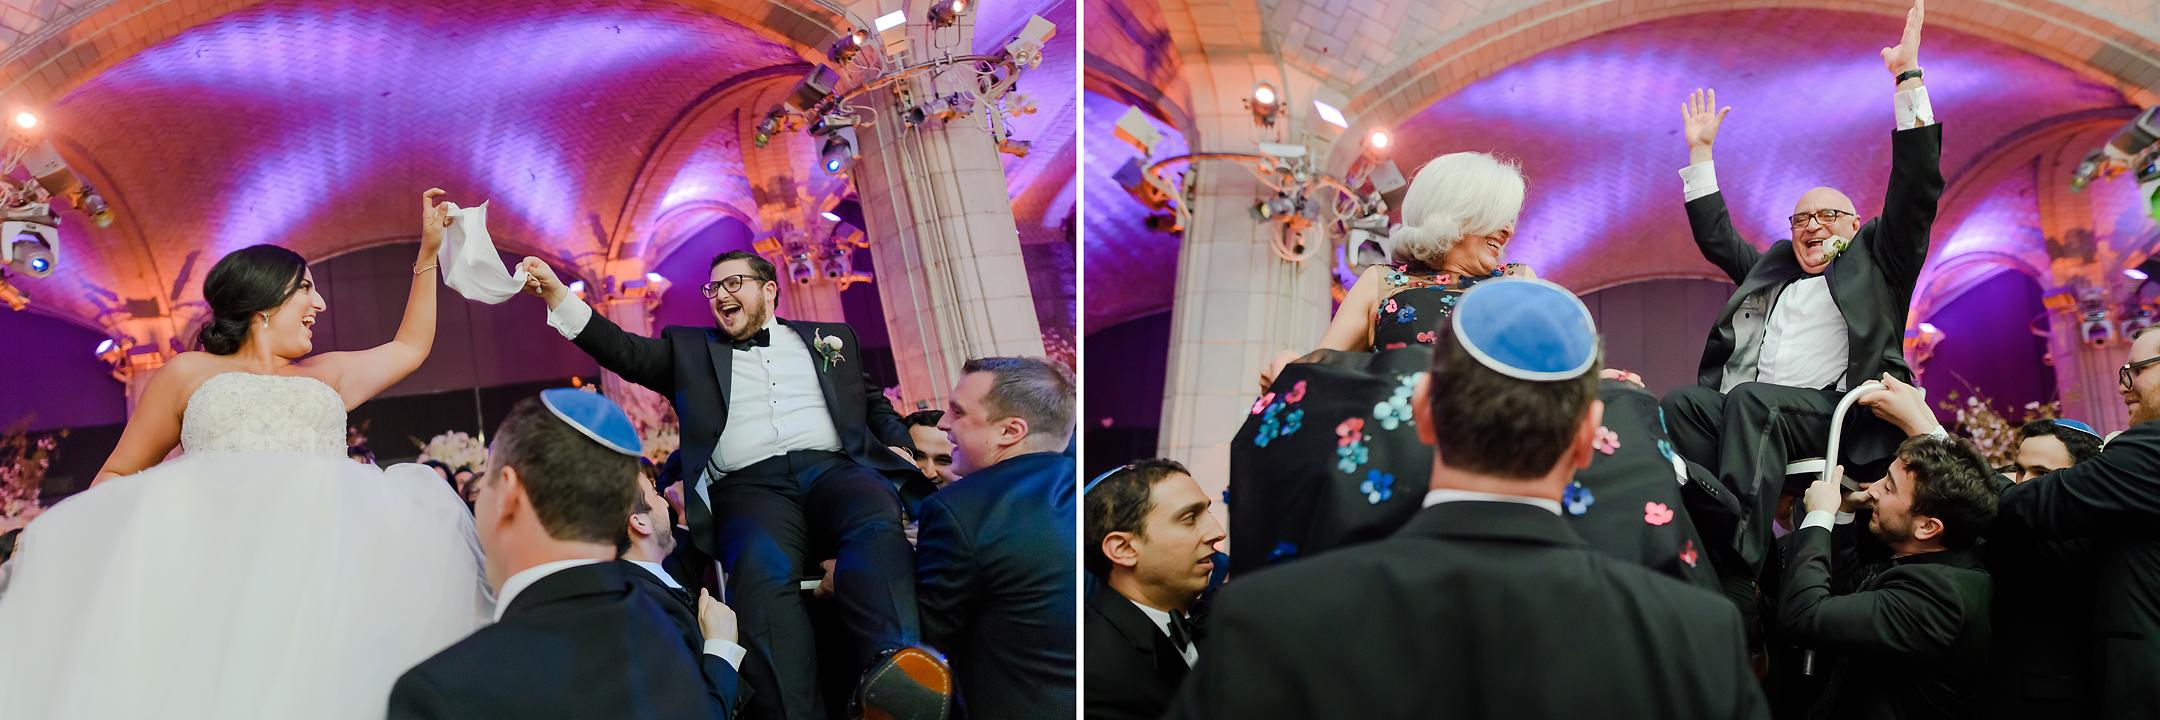 Guastavinos_Wedding_22.jpg